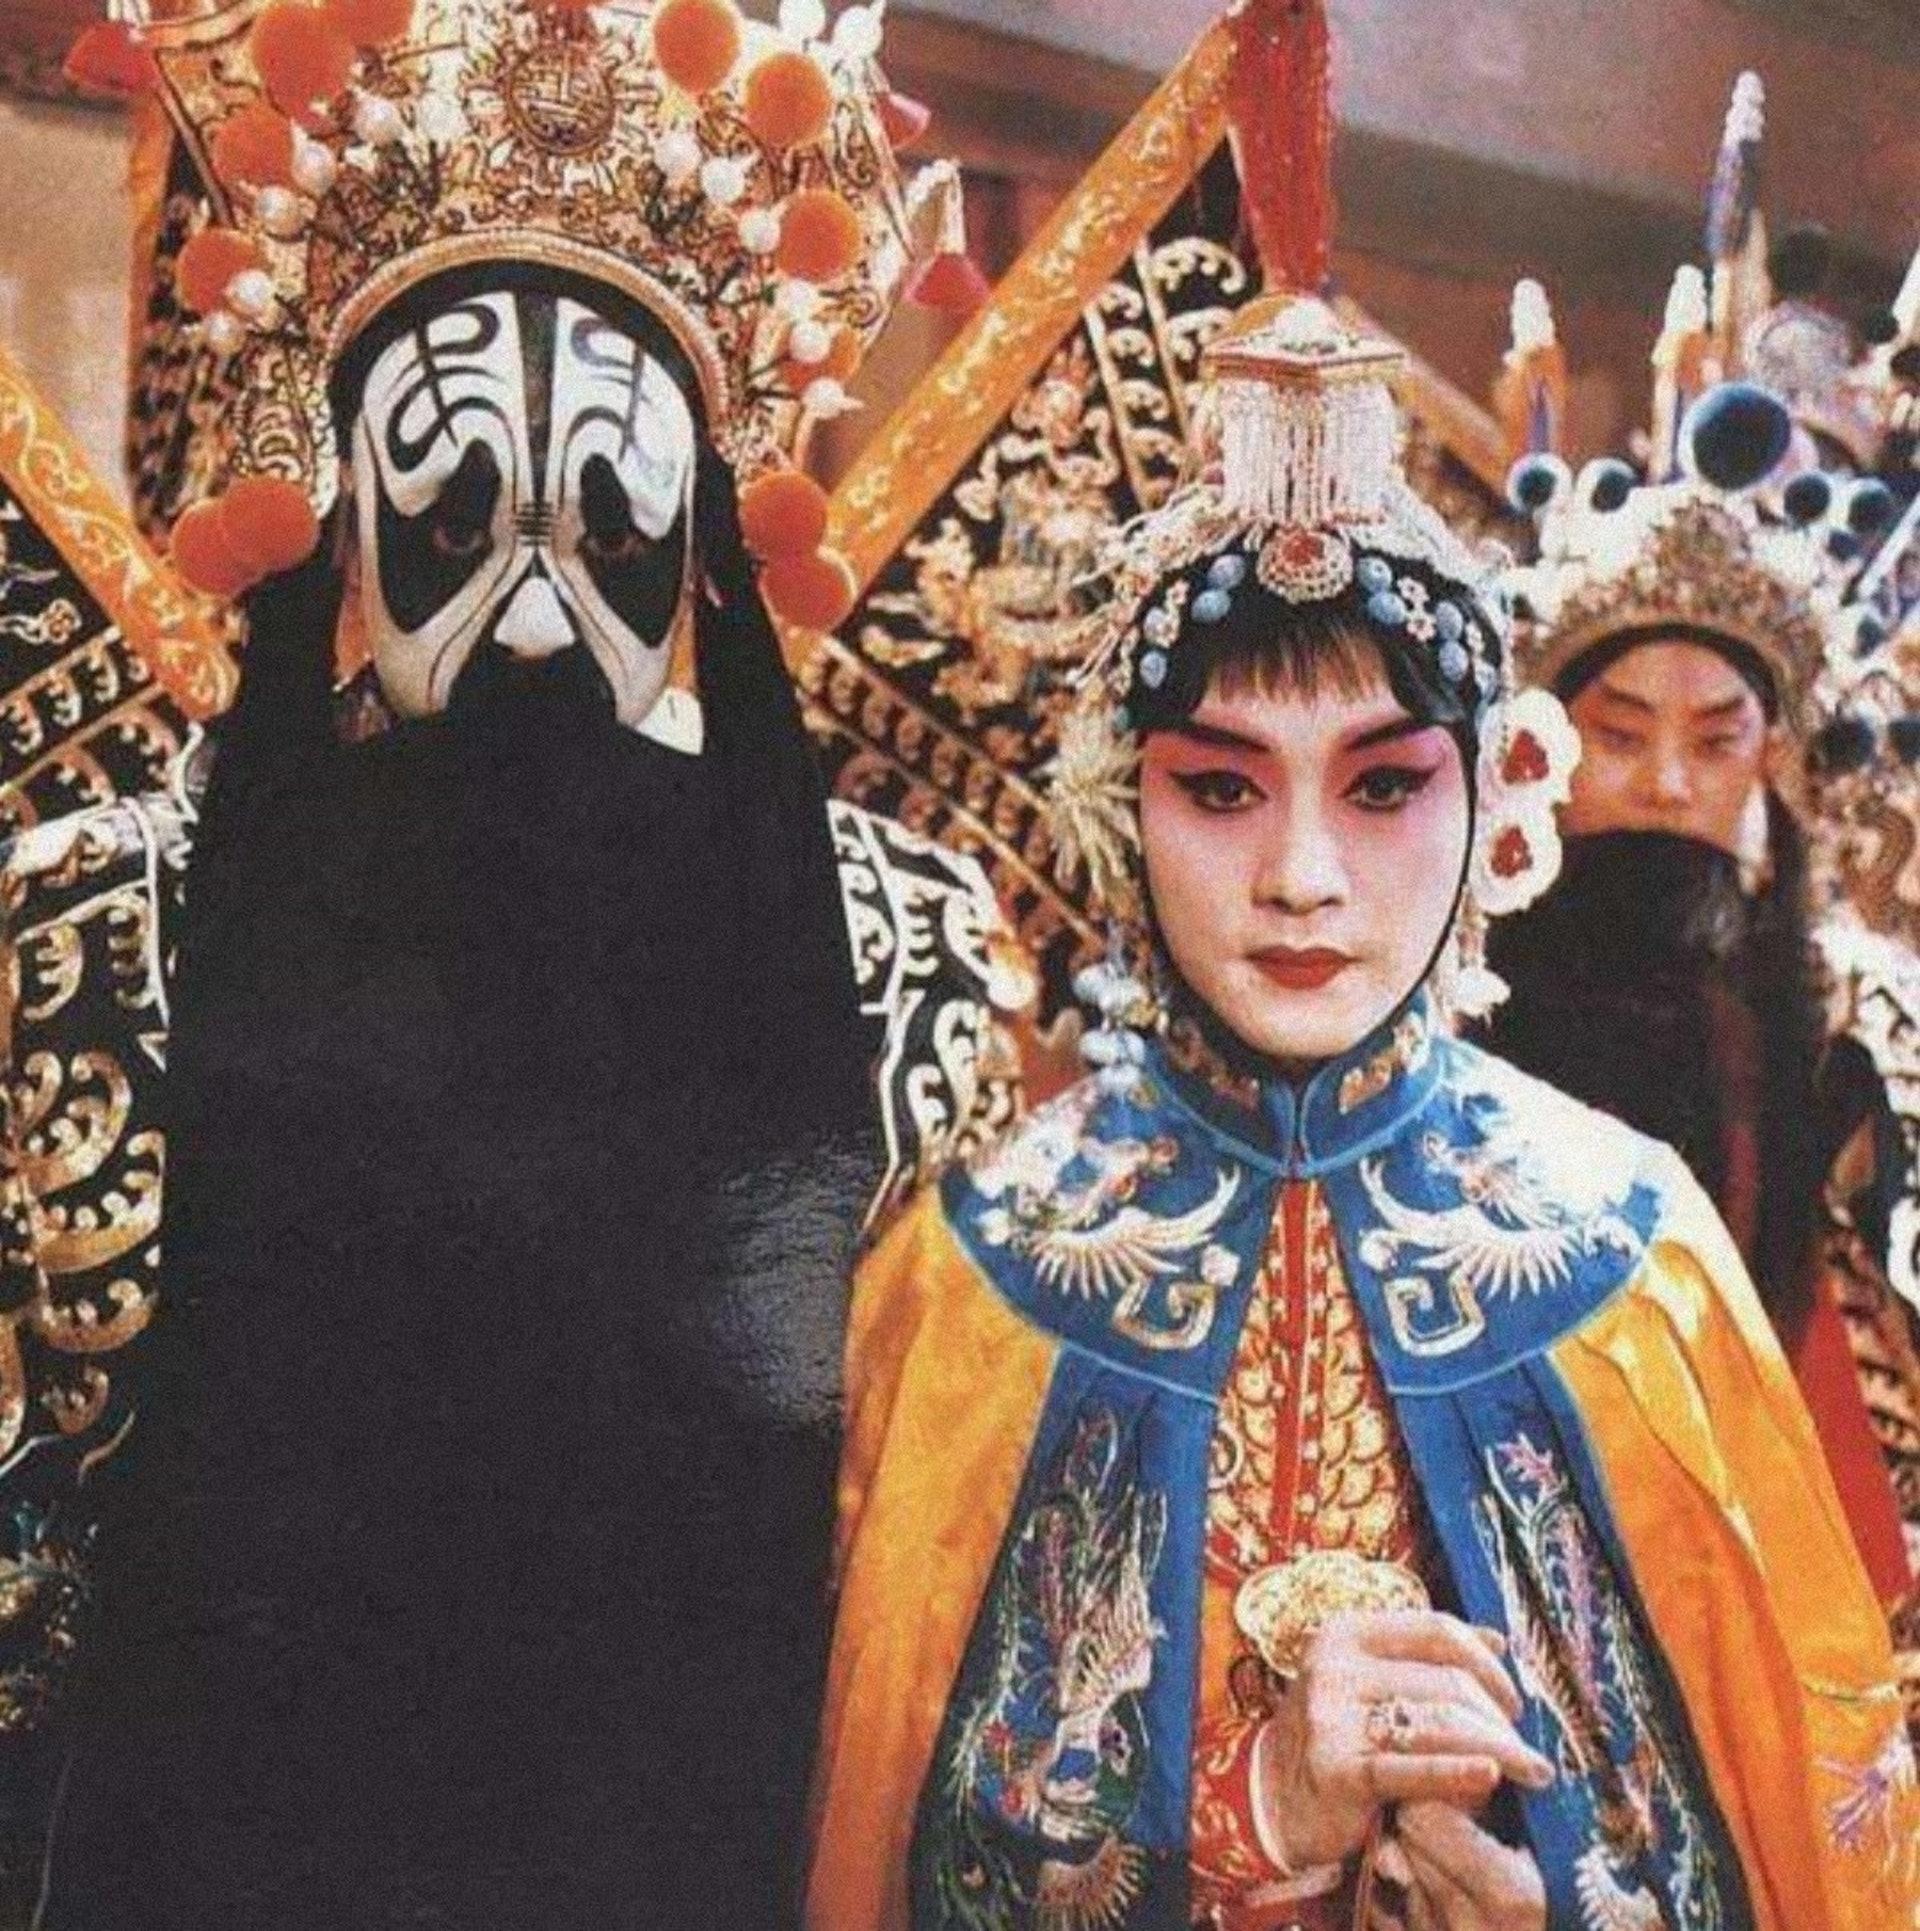 哥哥演出虞姬戲碼十分出色。(微博圖片)